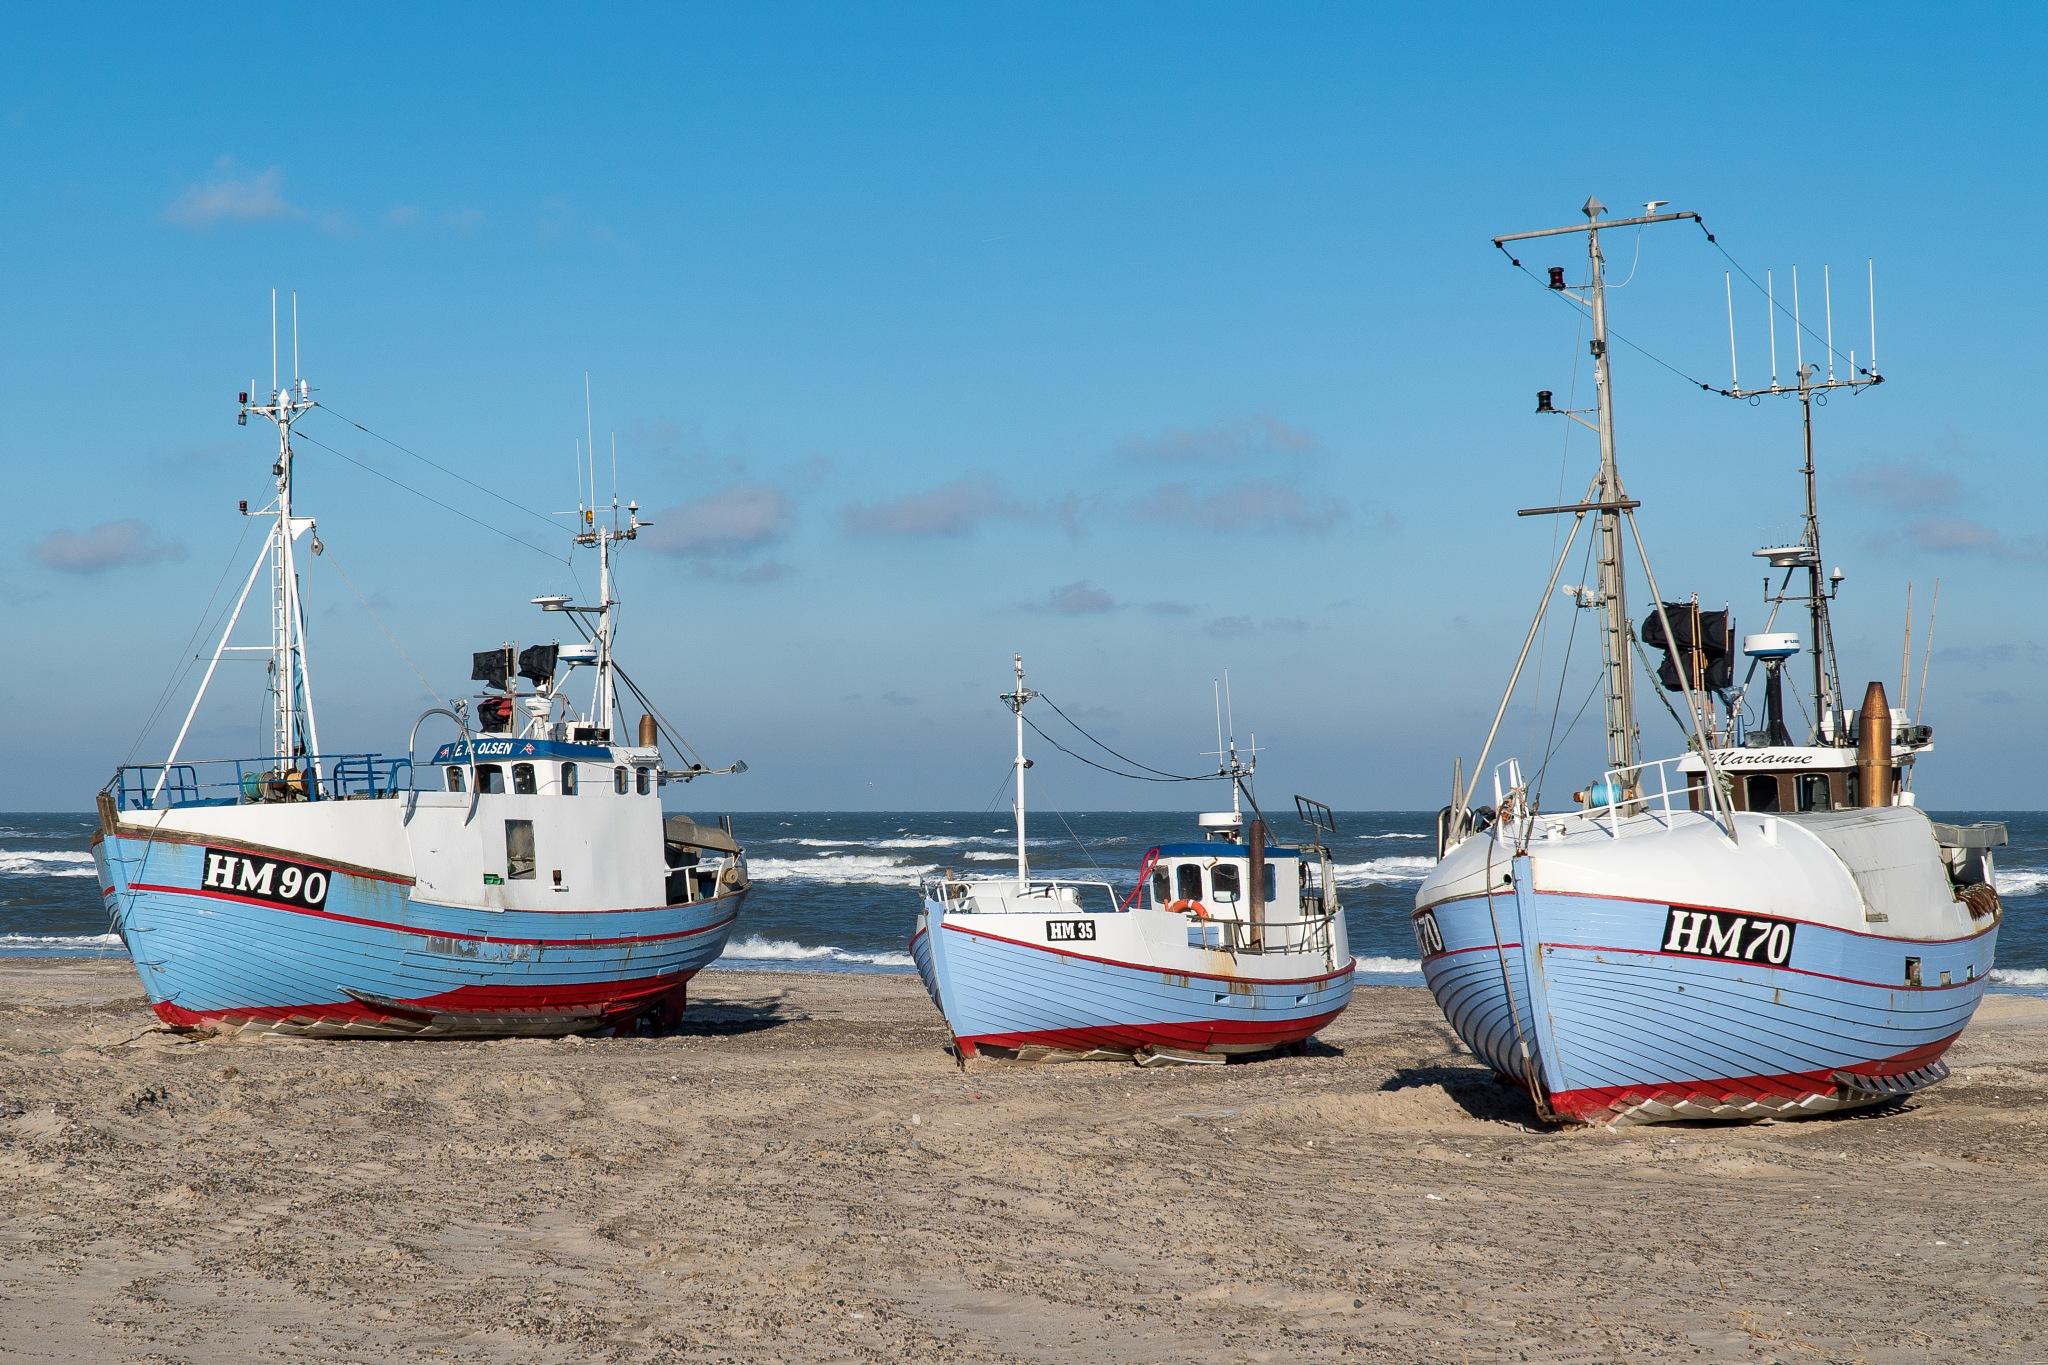 Danish coastal fishing boat II by Per Borring